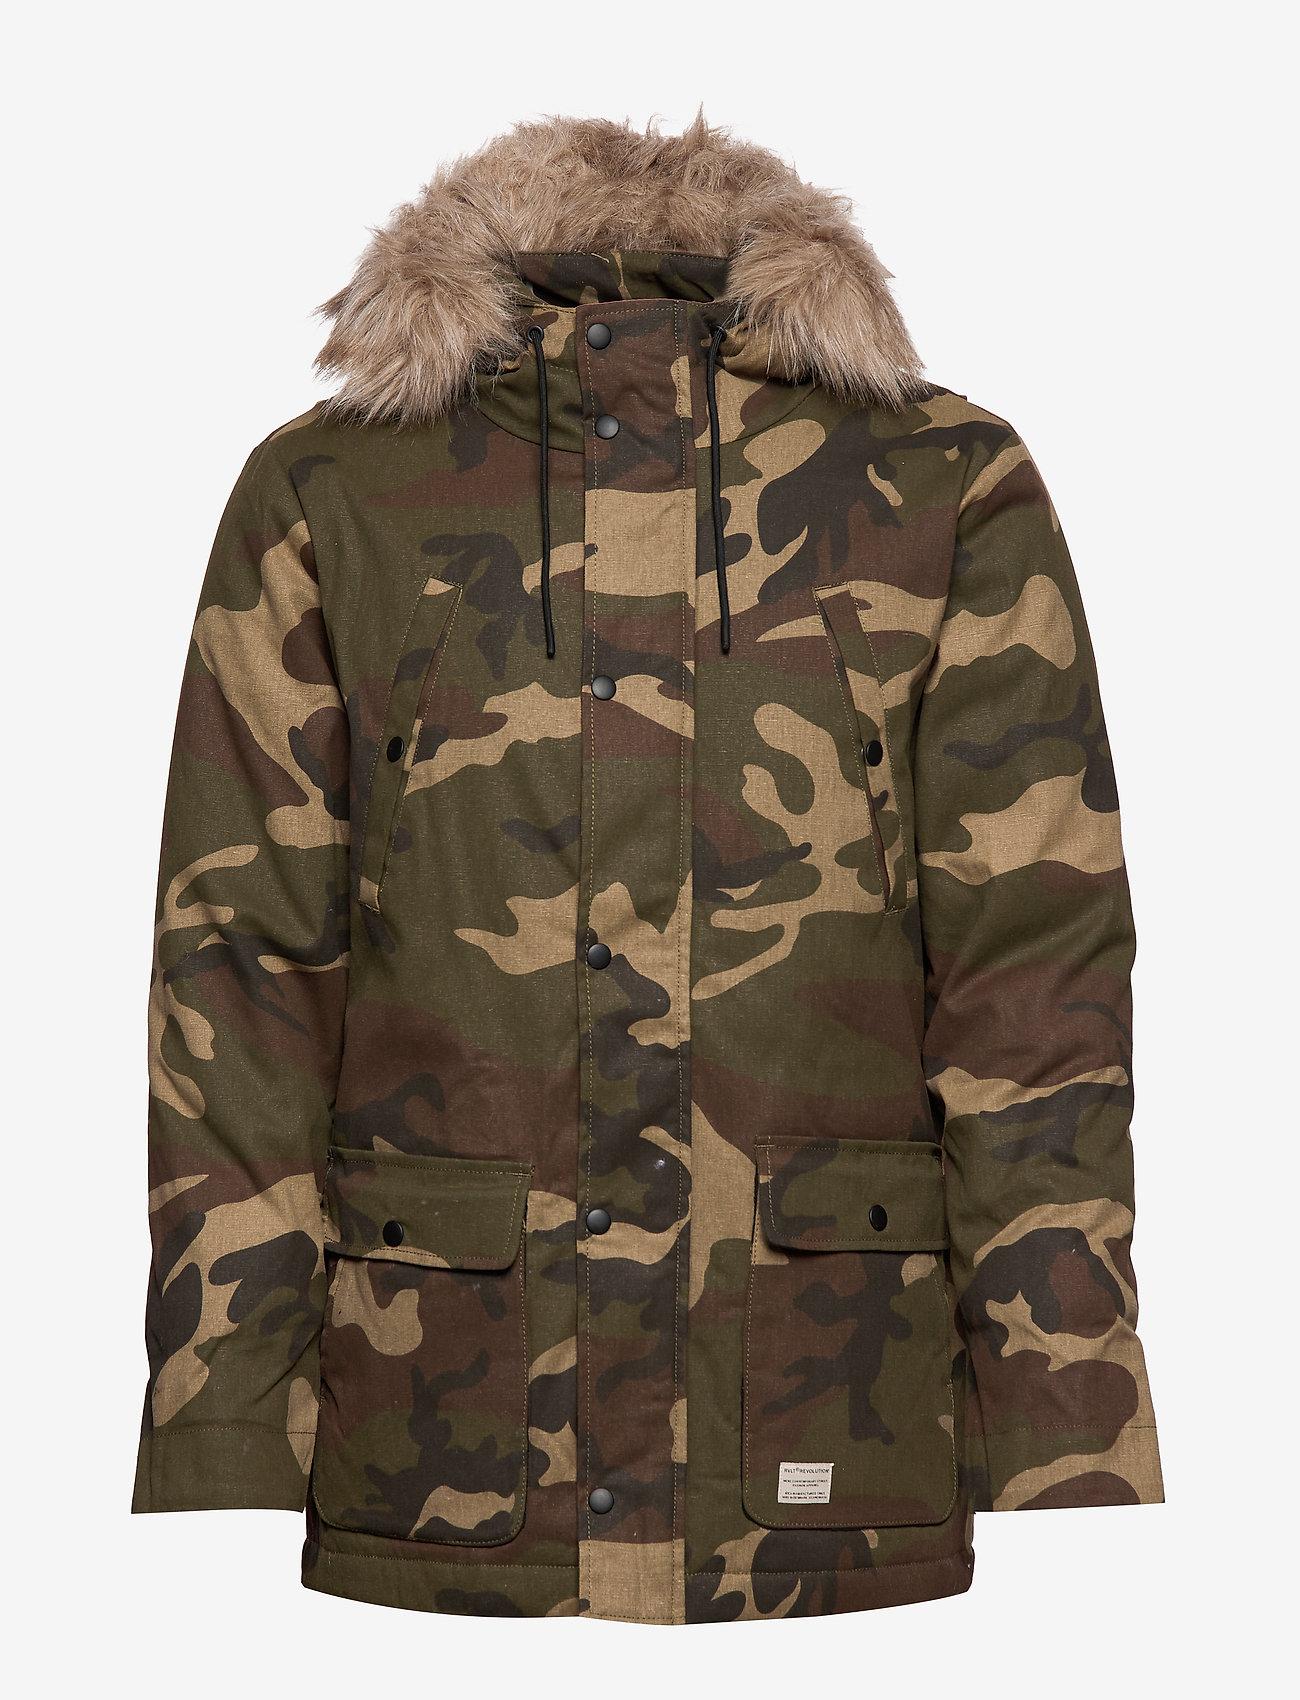 Parka Jacket (Camo) - RVLT Xb9tE1